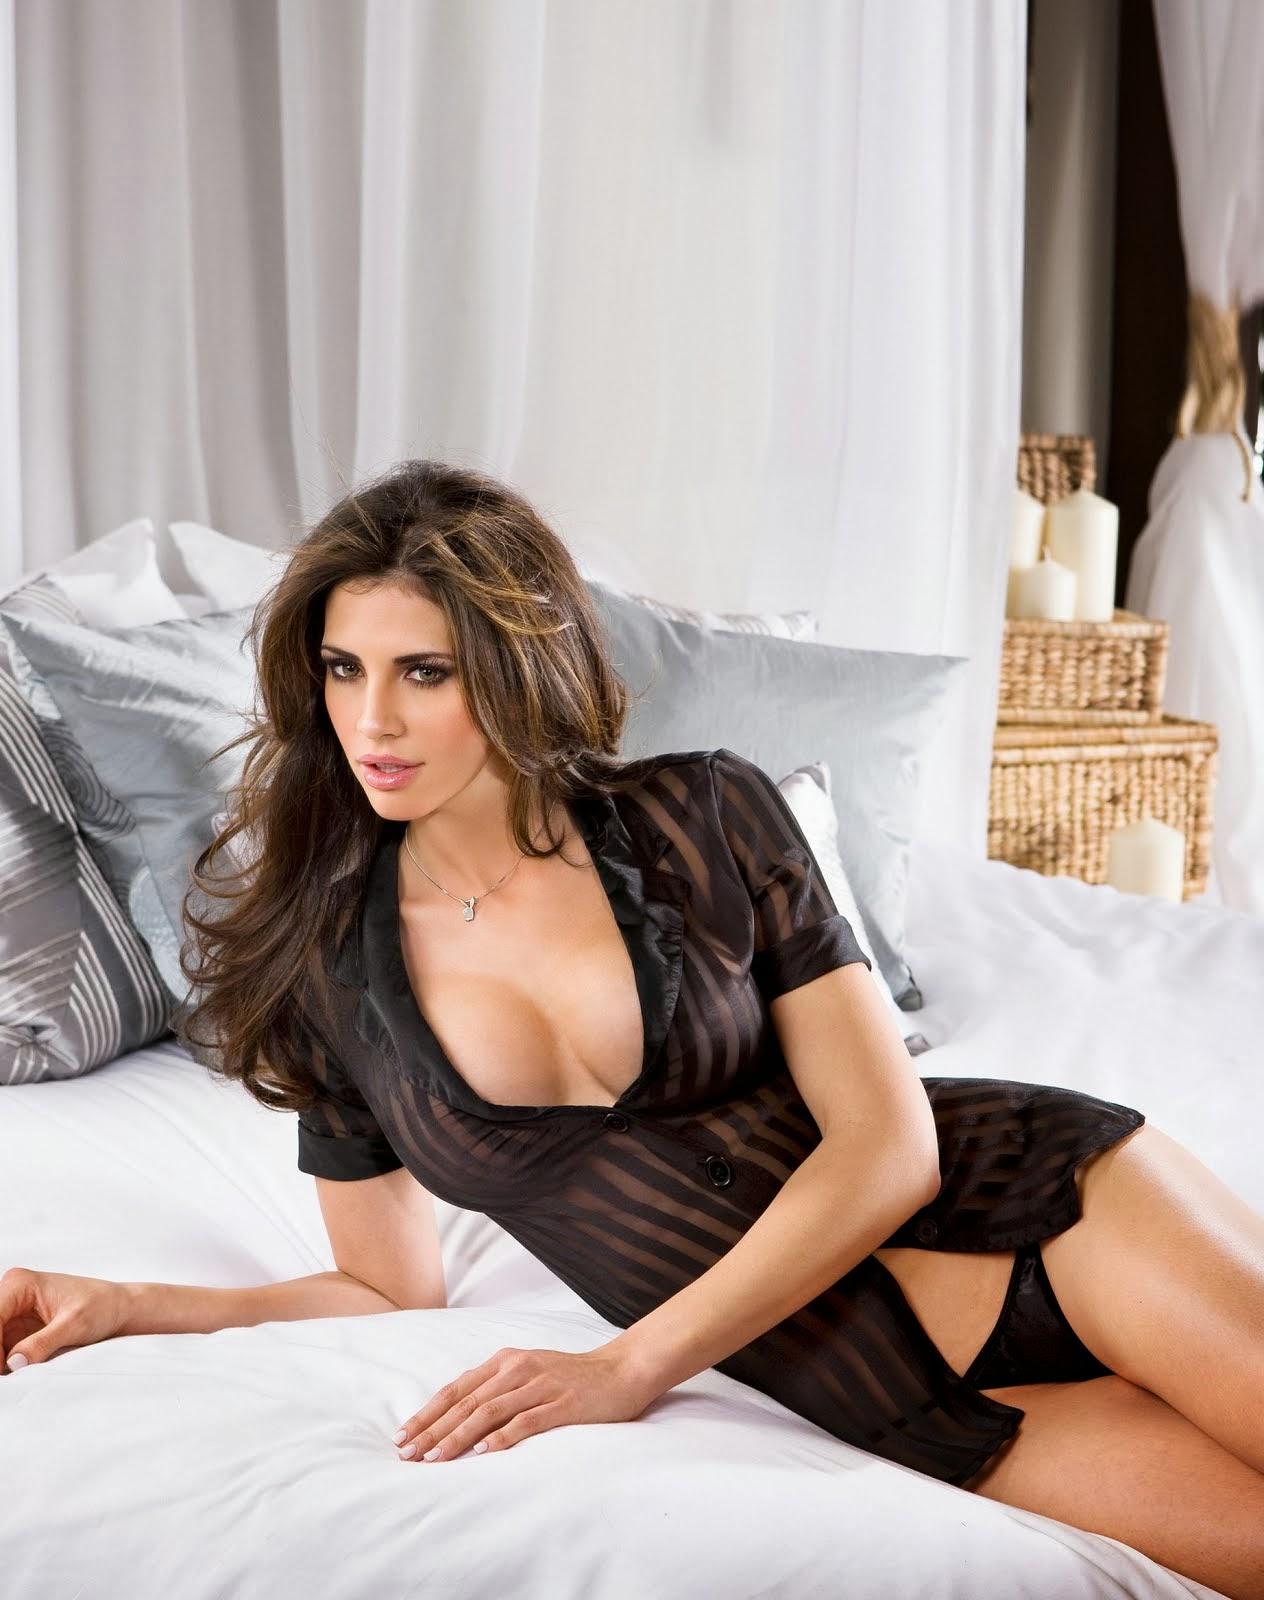 Sex vidjo porn sex videos